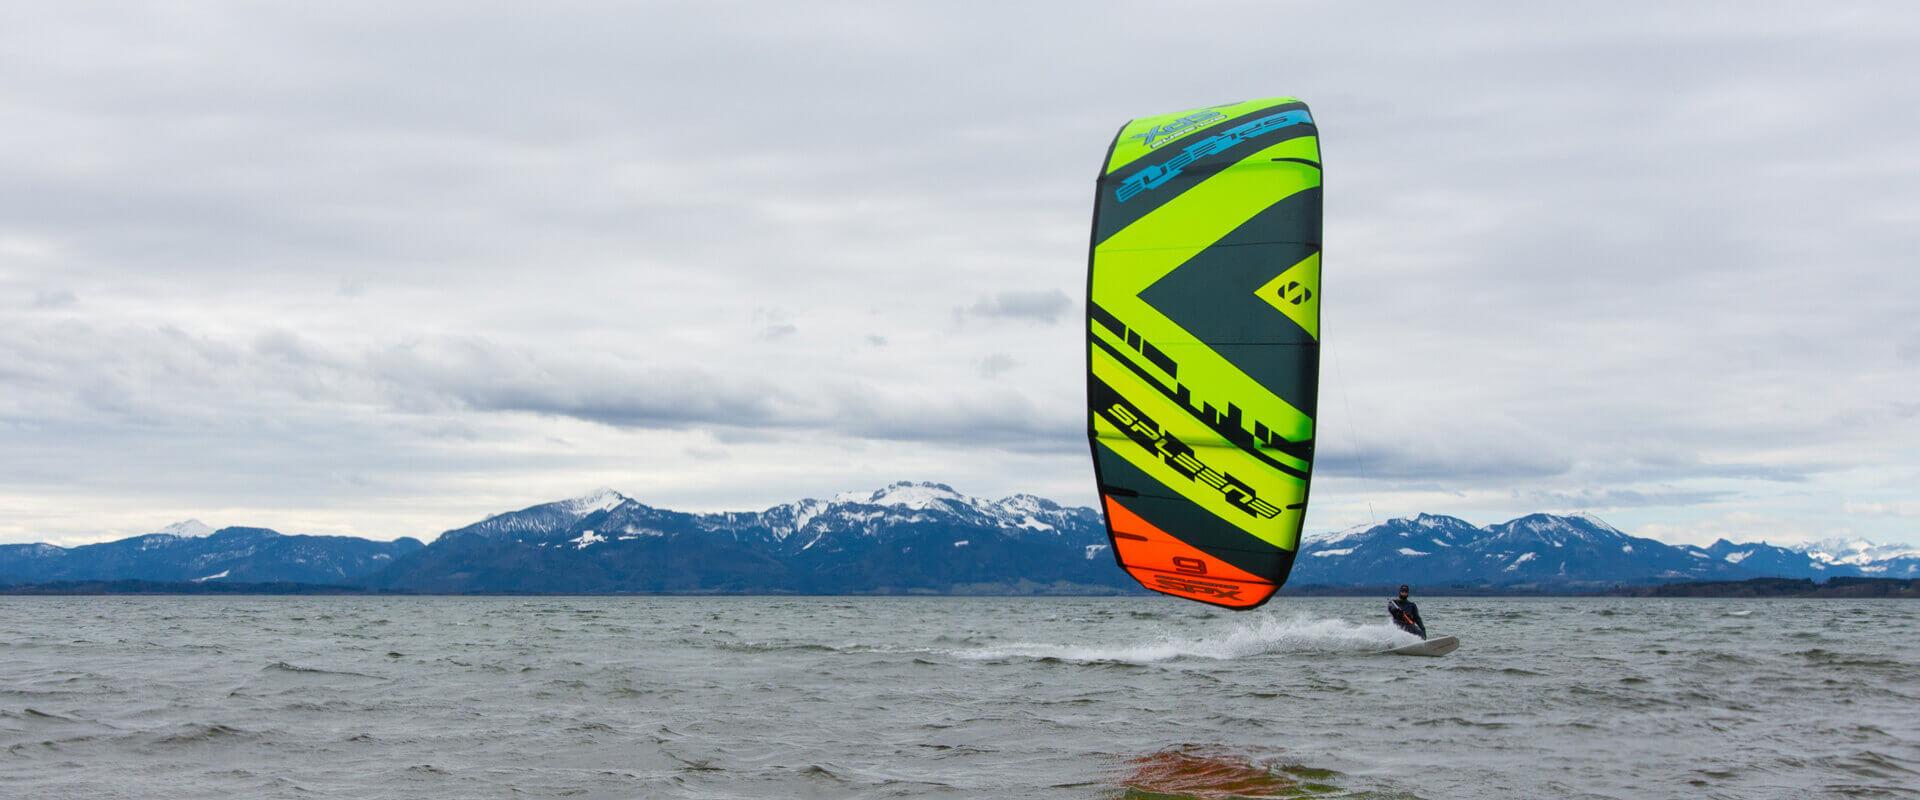 SPLEENE Kiteboarding - SPX Kite in Action